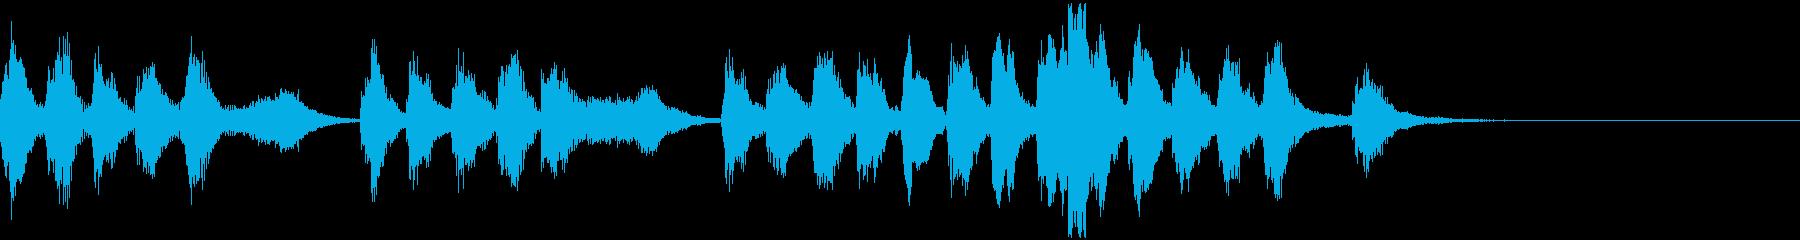 ファンタジー向けコミカルなジングルの再生済みの波形